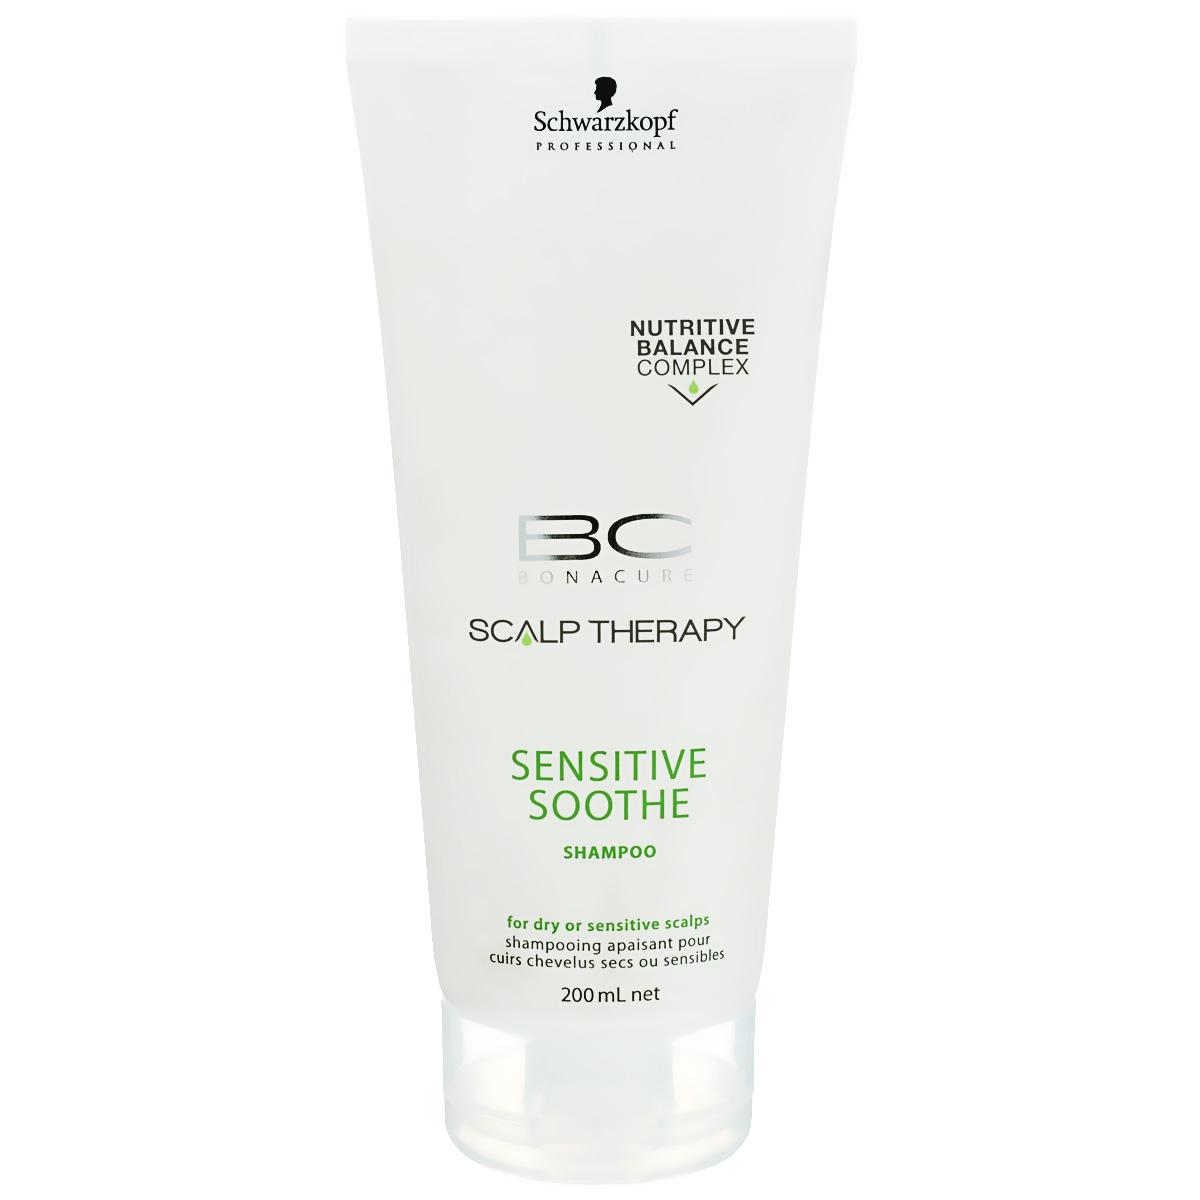 Bonacure BC Шампунь ля волосSensitive Soothe, для чувствительной и сухой кожи головы, 200 мл099-1753148/219Успокаивающий шампунь Schwarzkopf & Henkel Sensitive Soothe хорошо увлажняет волосы и предотвращает раздражение. Шампунь мягко очищает поверхность кожи головы, содержит специальные подобранные ингредиенты и крупинки сахара, способствующие устранению раздражения кожи и мягкому очищению поверхности кожи головы. Волосы увлажняются изнутри, становятся мягкими и послушными. Характеристики: Объем: 200 мл. Производитель: Германия. Товар сертифицирован.